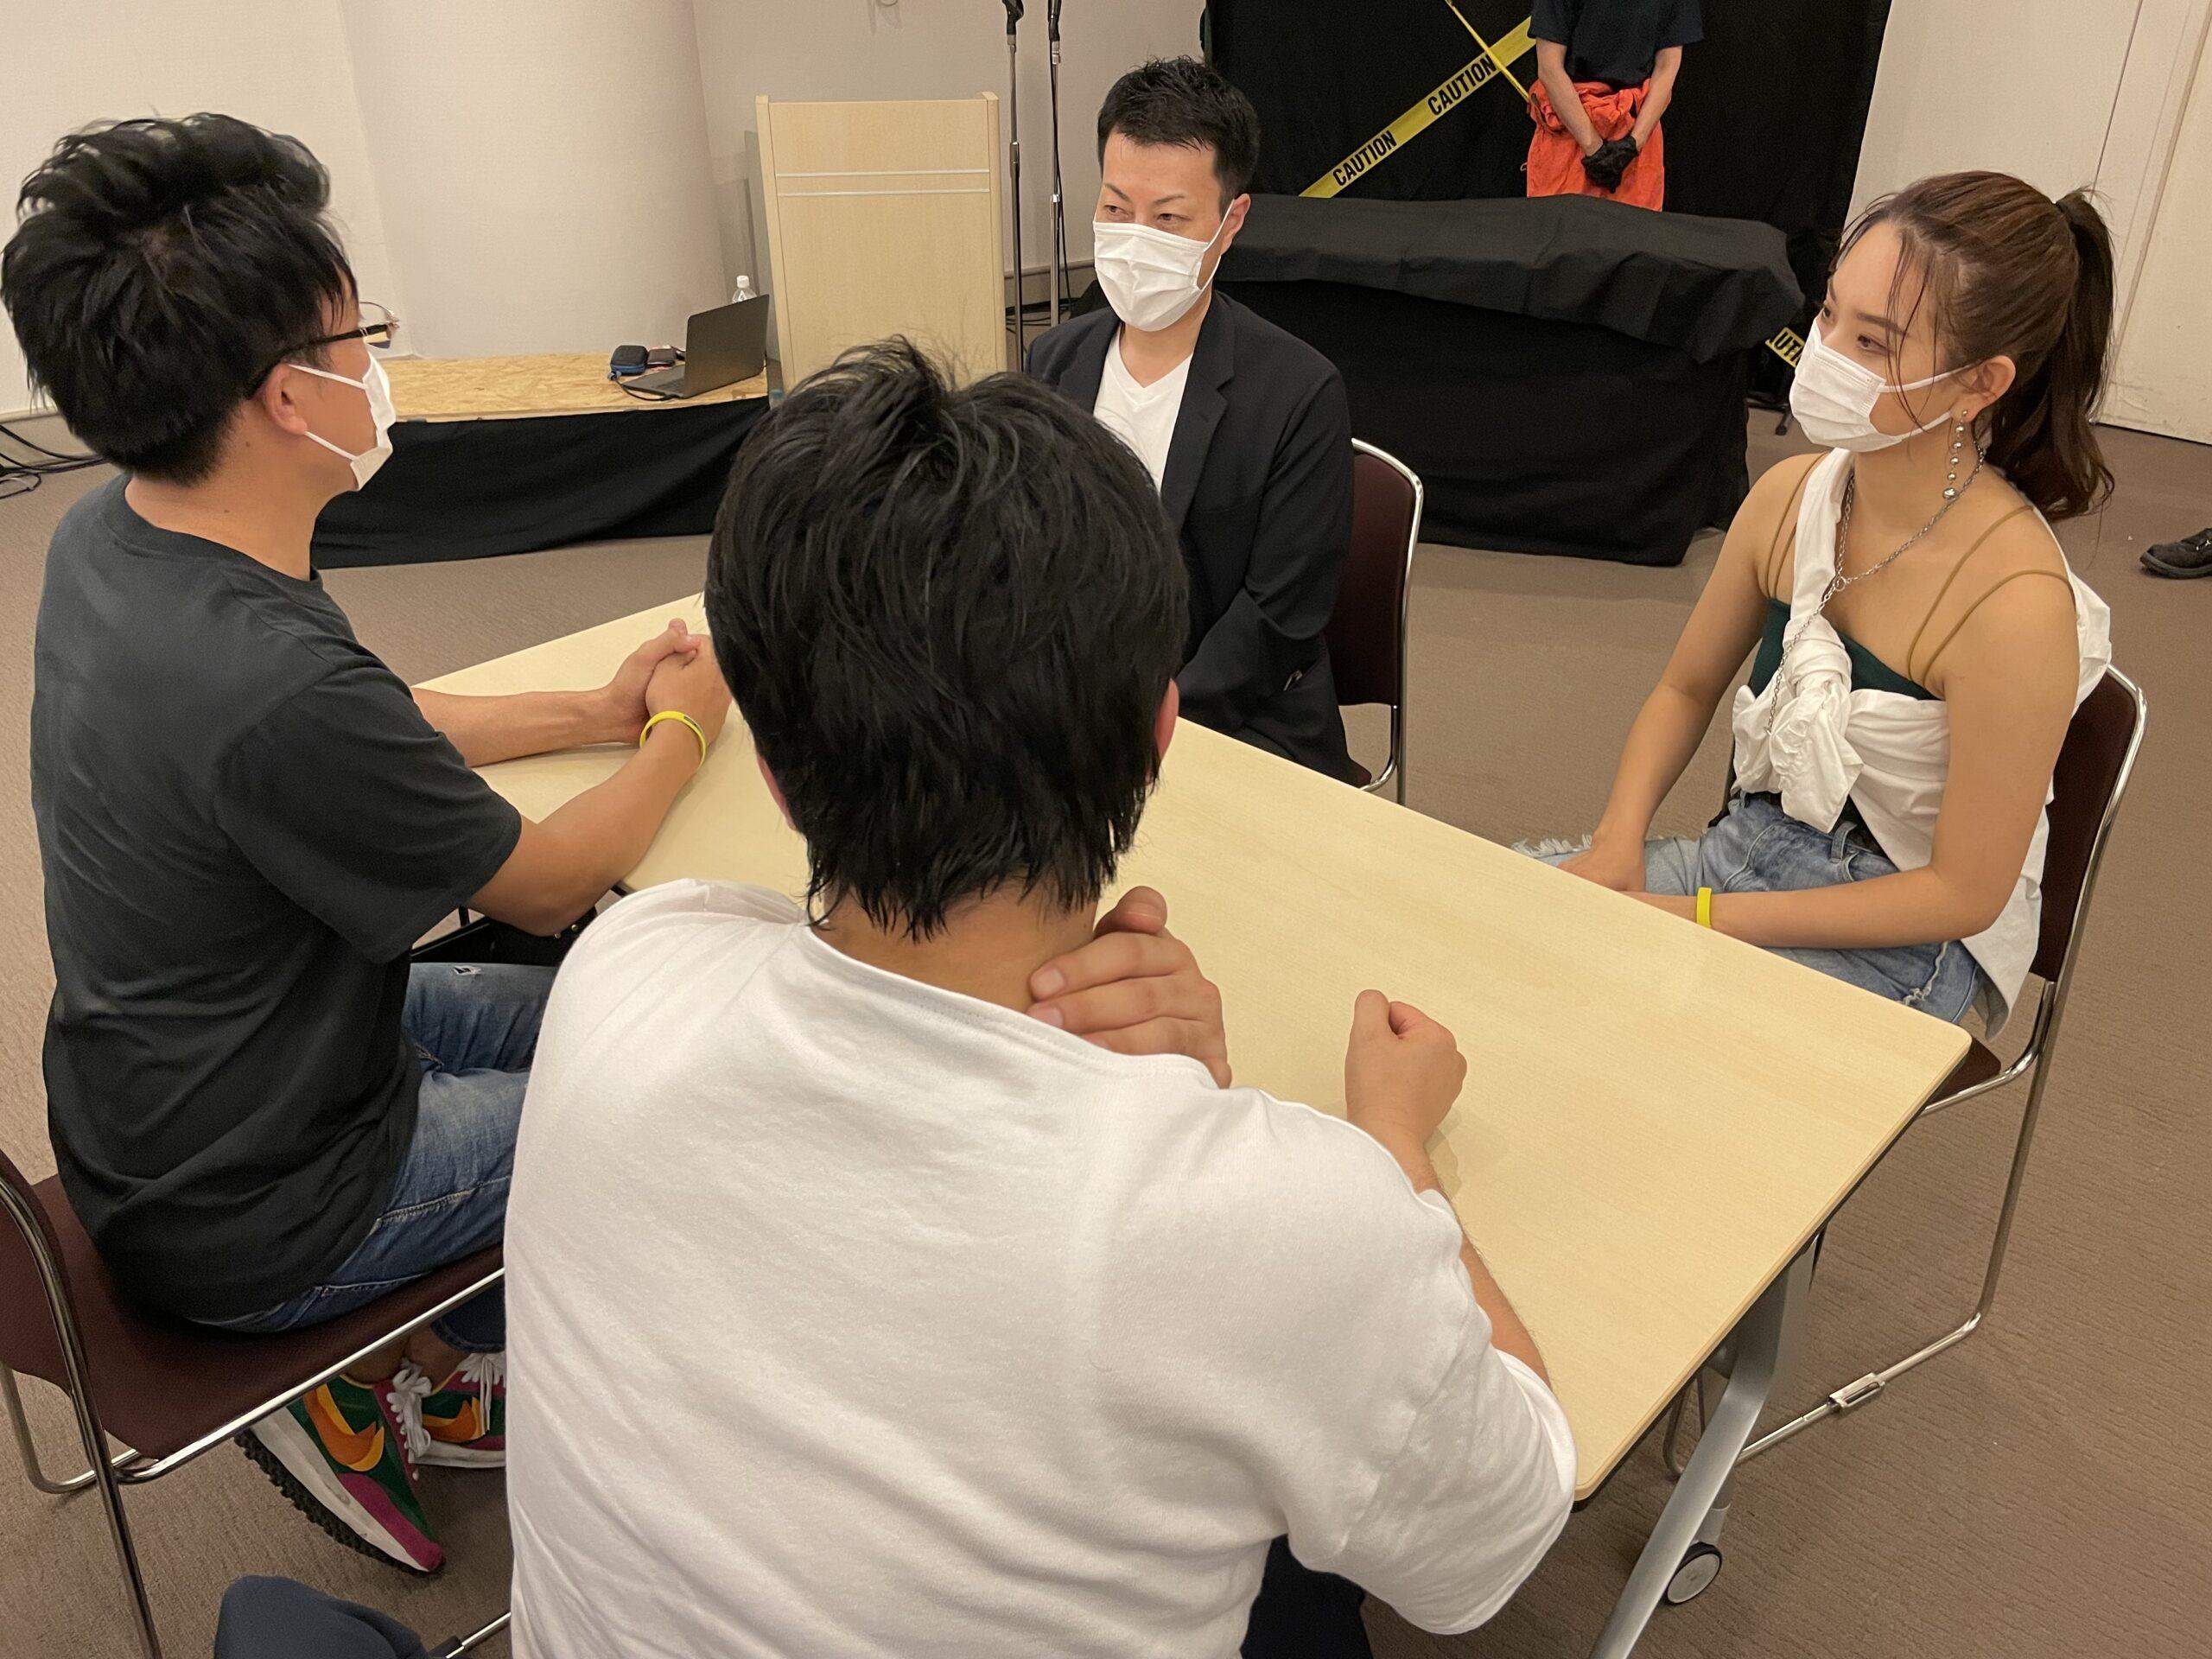 新たな防災訓練!?日本青年会議所のサマコンイベントで体験型防災アトラクション〜三種の神器〜備えよ人類を実際に体験!